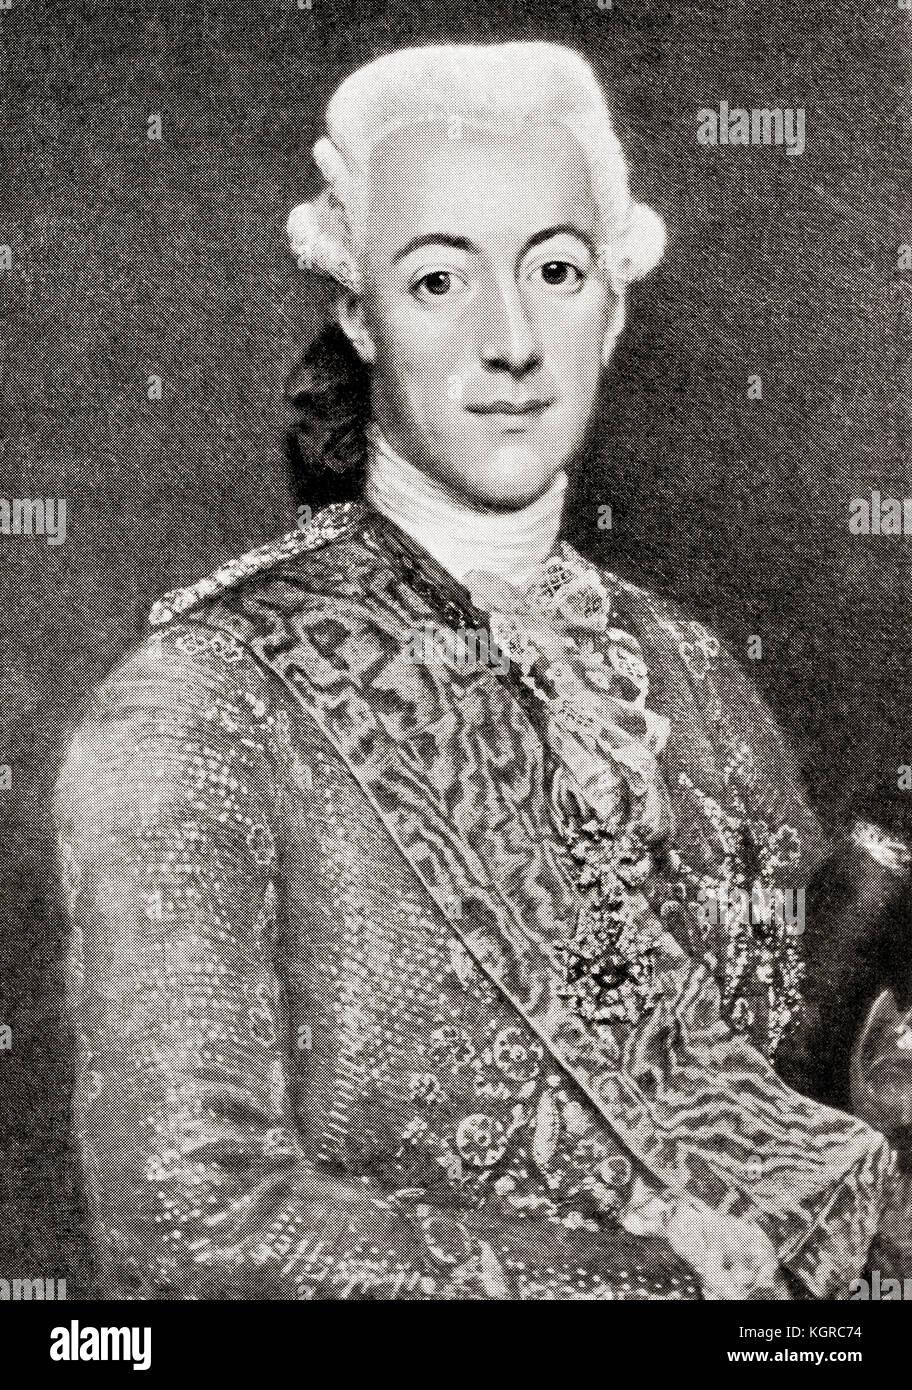 Gustav III, 1746 - 1792. El rey de Suecia. de Hutchinson la historia de las naciones, publicado en 1915. Imagen De Stock